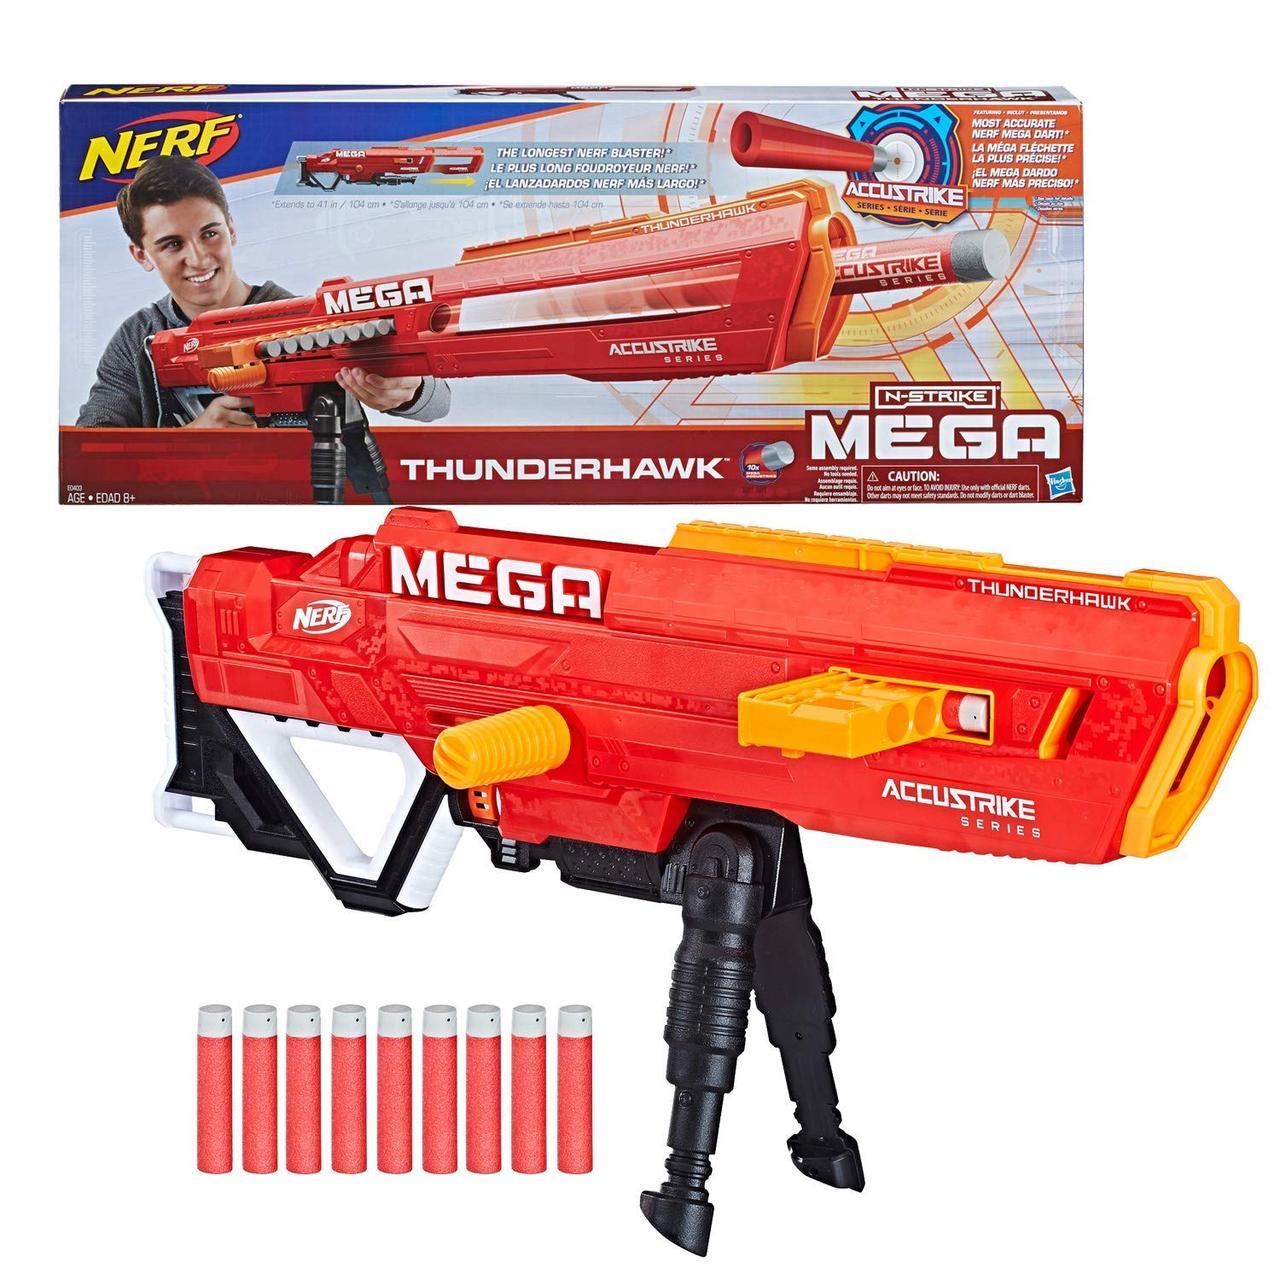 Бластер Нёрф Мега Акьюстрайк, самый длинный и точный бластер, Nerf Mega AccuStrike из США